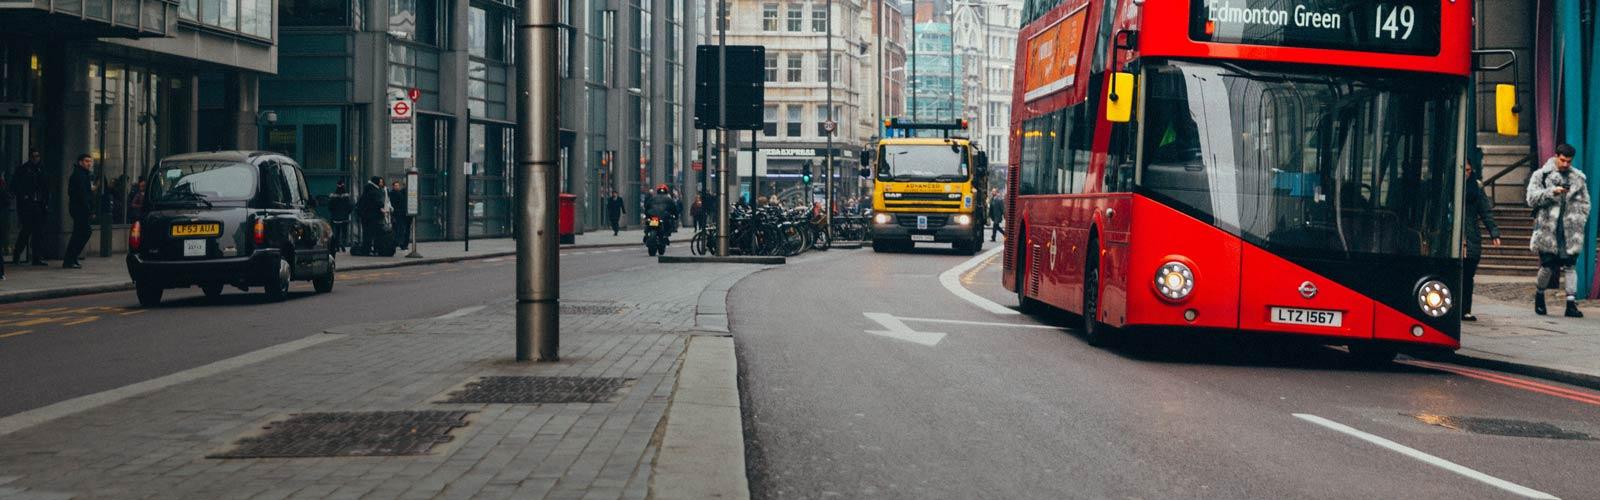 UK Consumer Behavior: What Do the British Want?